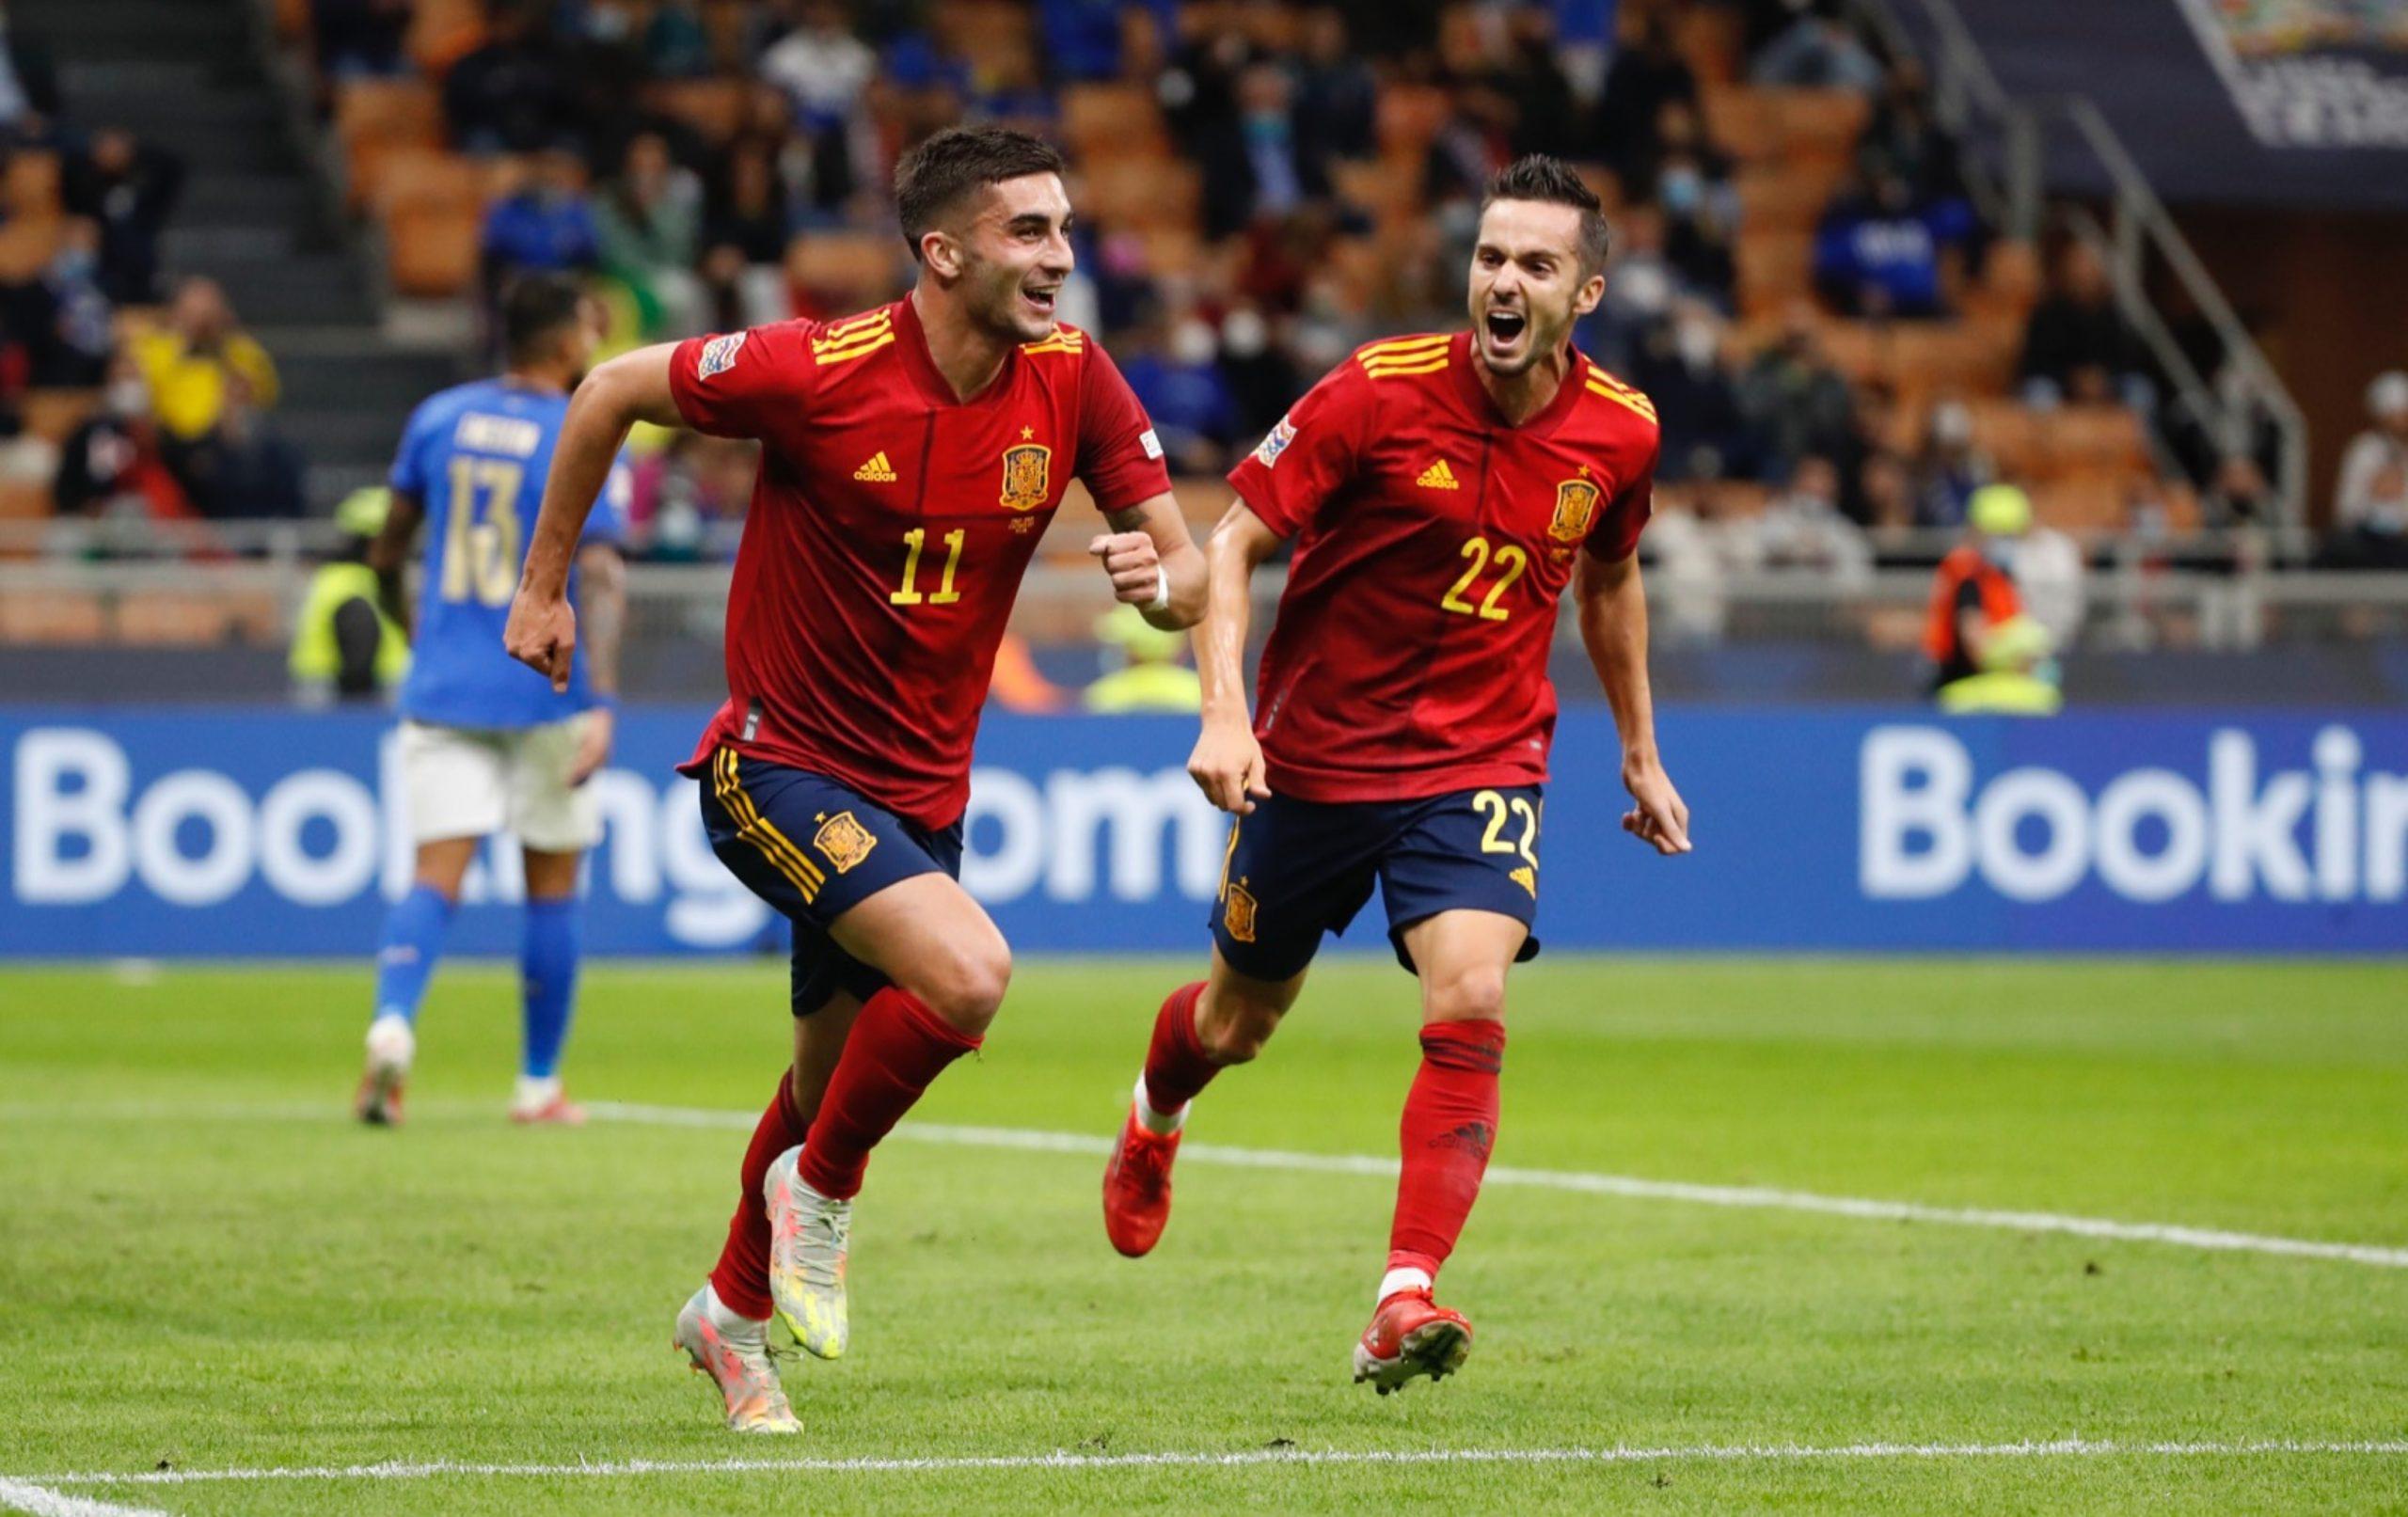 España se venga de Italia en la Nations League y pone fin a la histórica racha invicta de 37 partidos - prensa Libre